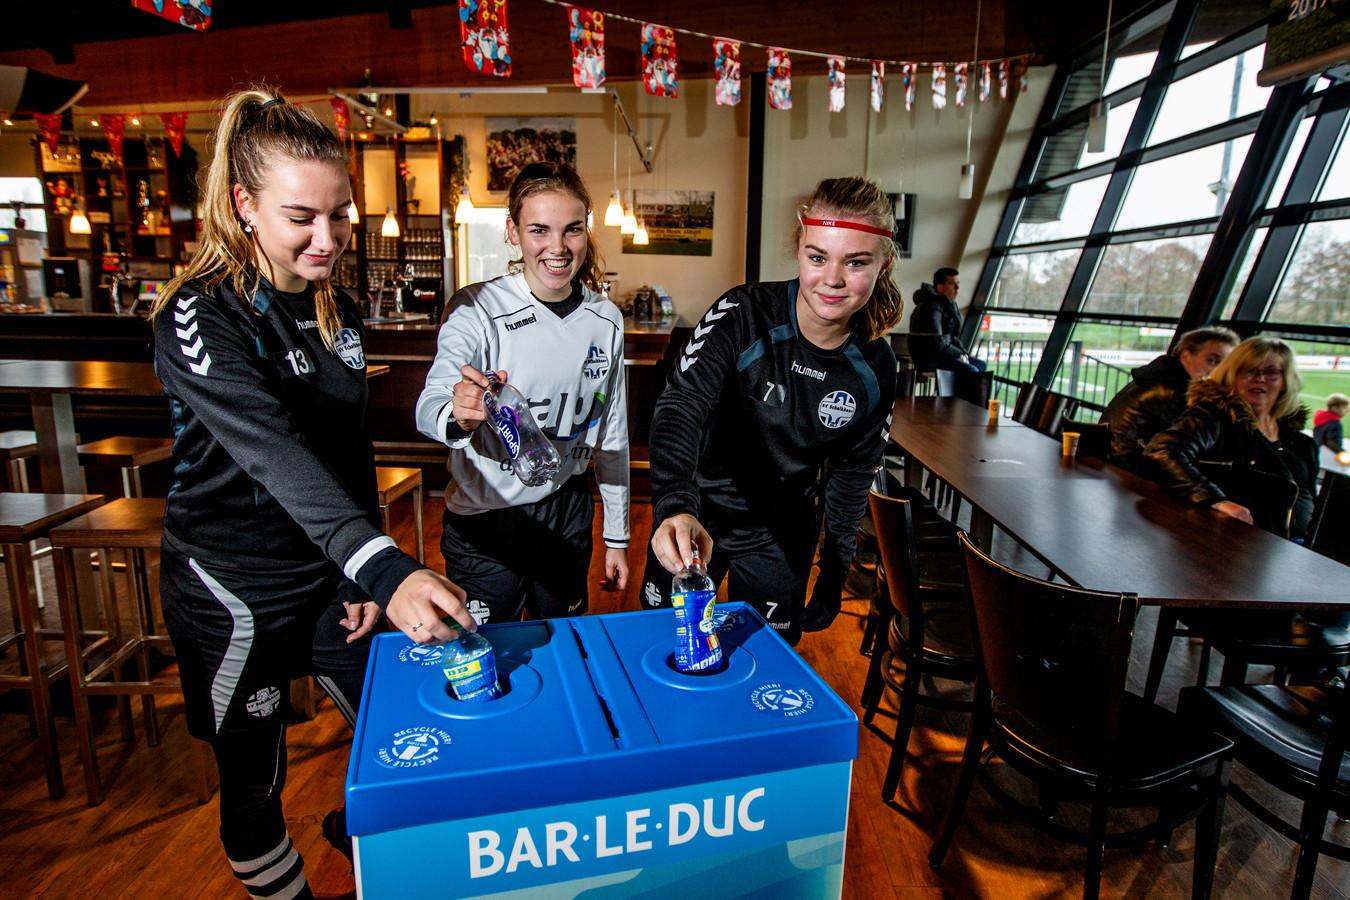 Lieselot van Slefhout (rode haarbandje) Meike Berning (witte shirt) en Isa van Dijck gooien een plastic flesje in een daarvoor bestemde plastic afvalbak, beschikbaar gesteld door Bar Le Duc.